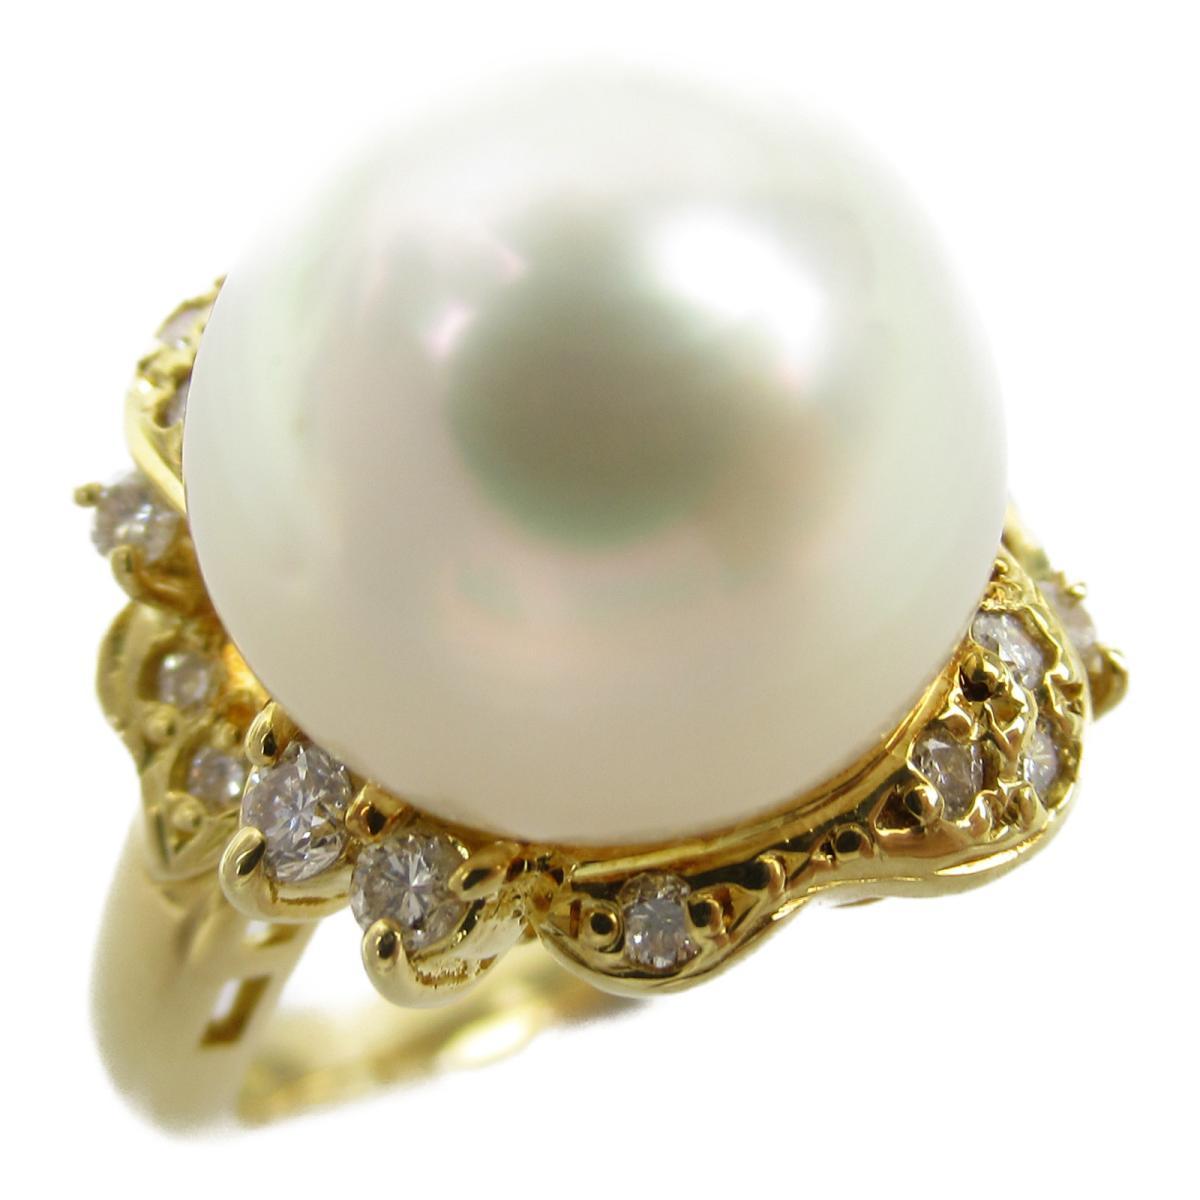 ジュエリー パール ダイヤモンド リング 指輪 ノーブランドジュエリー レディース K18YG (750) イエローゴールド x パール11.7mm 0.27ct 【中古】 | JEWELRY BRANDOFF ブランドオフ アクセサリー